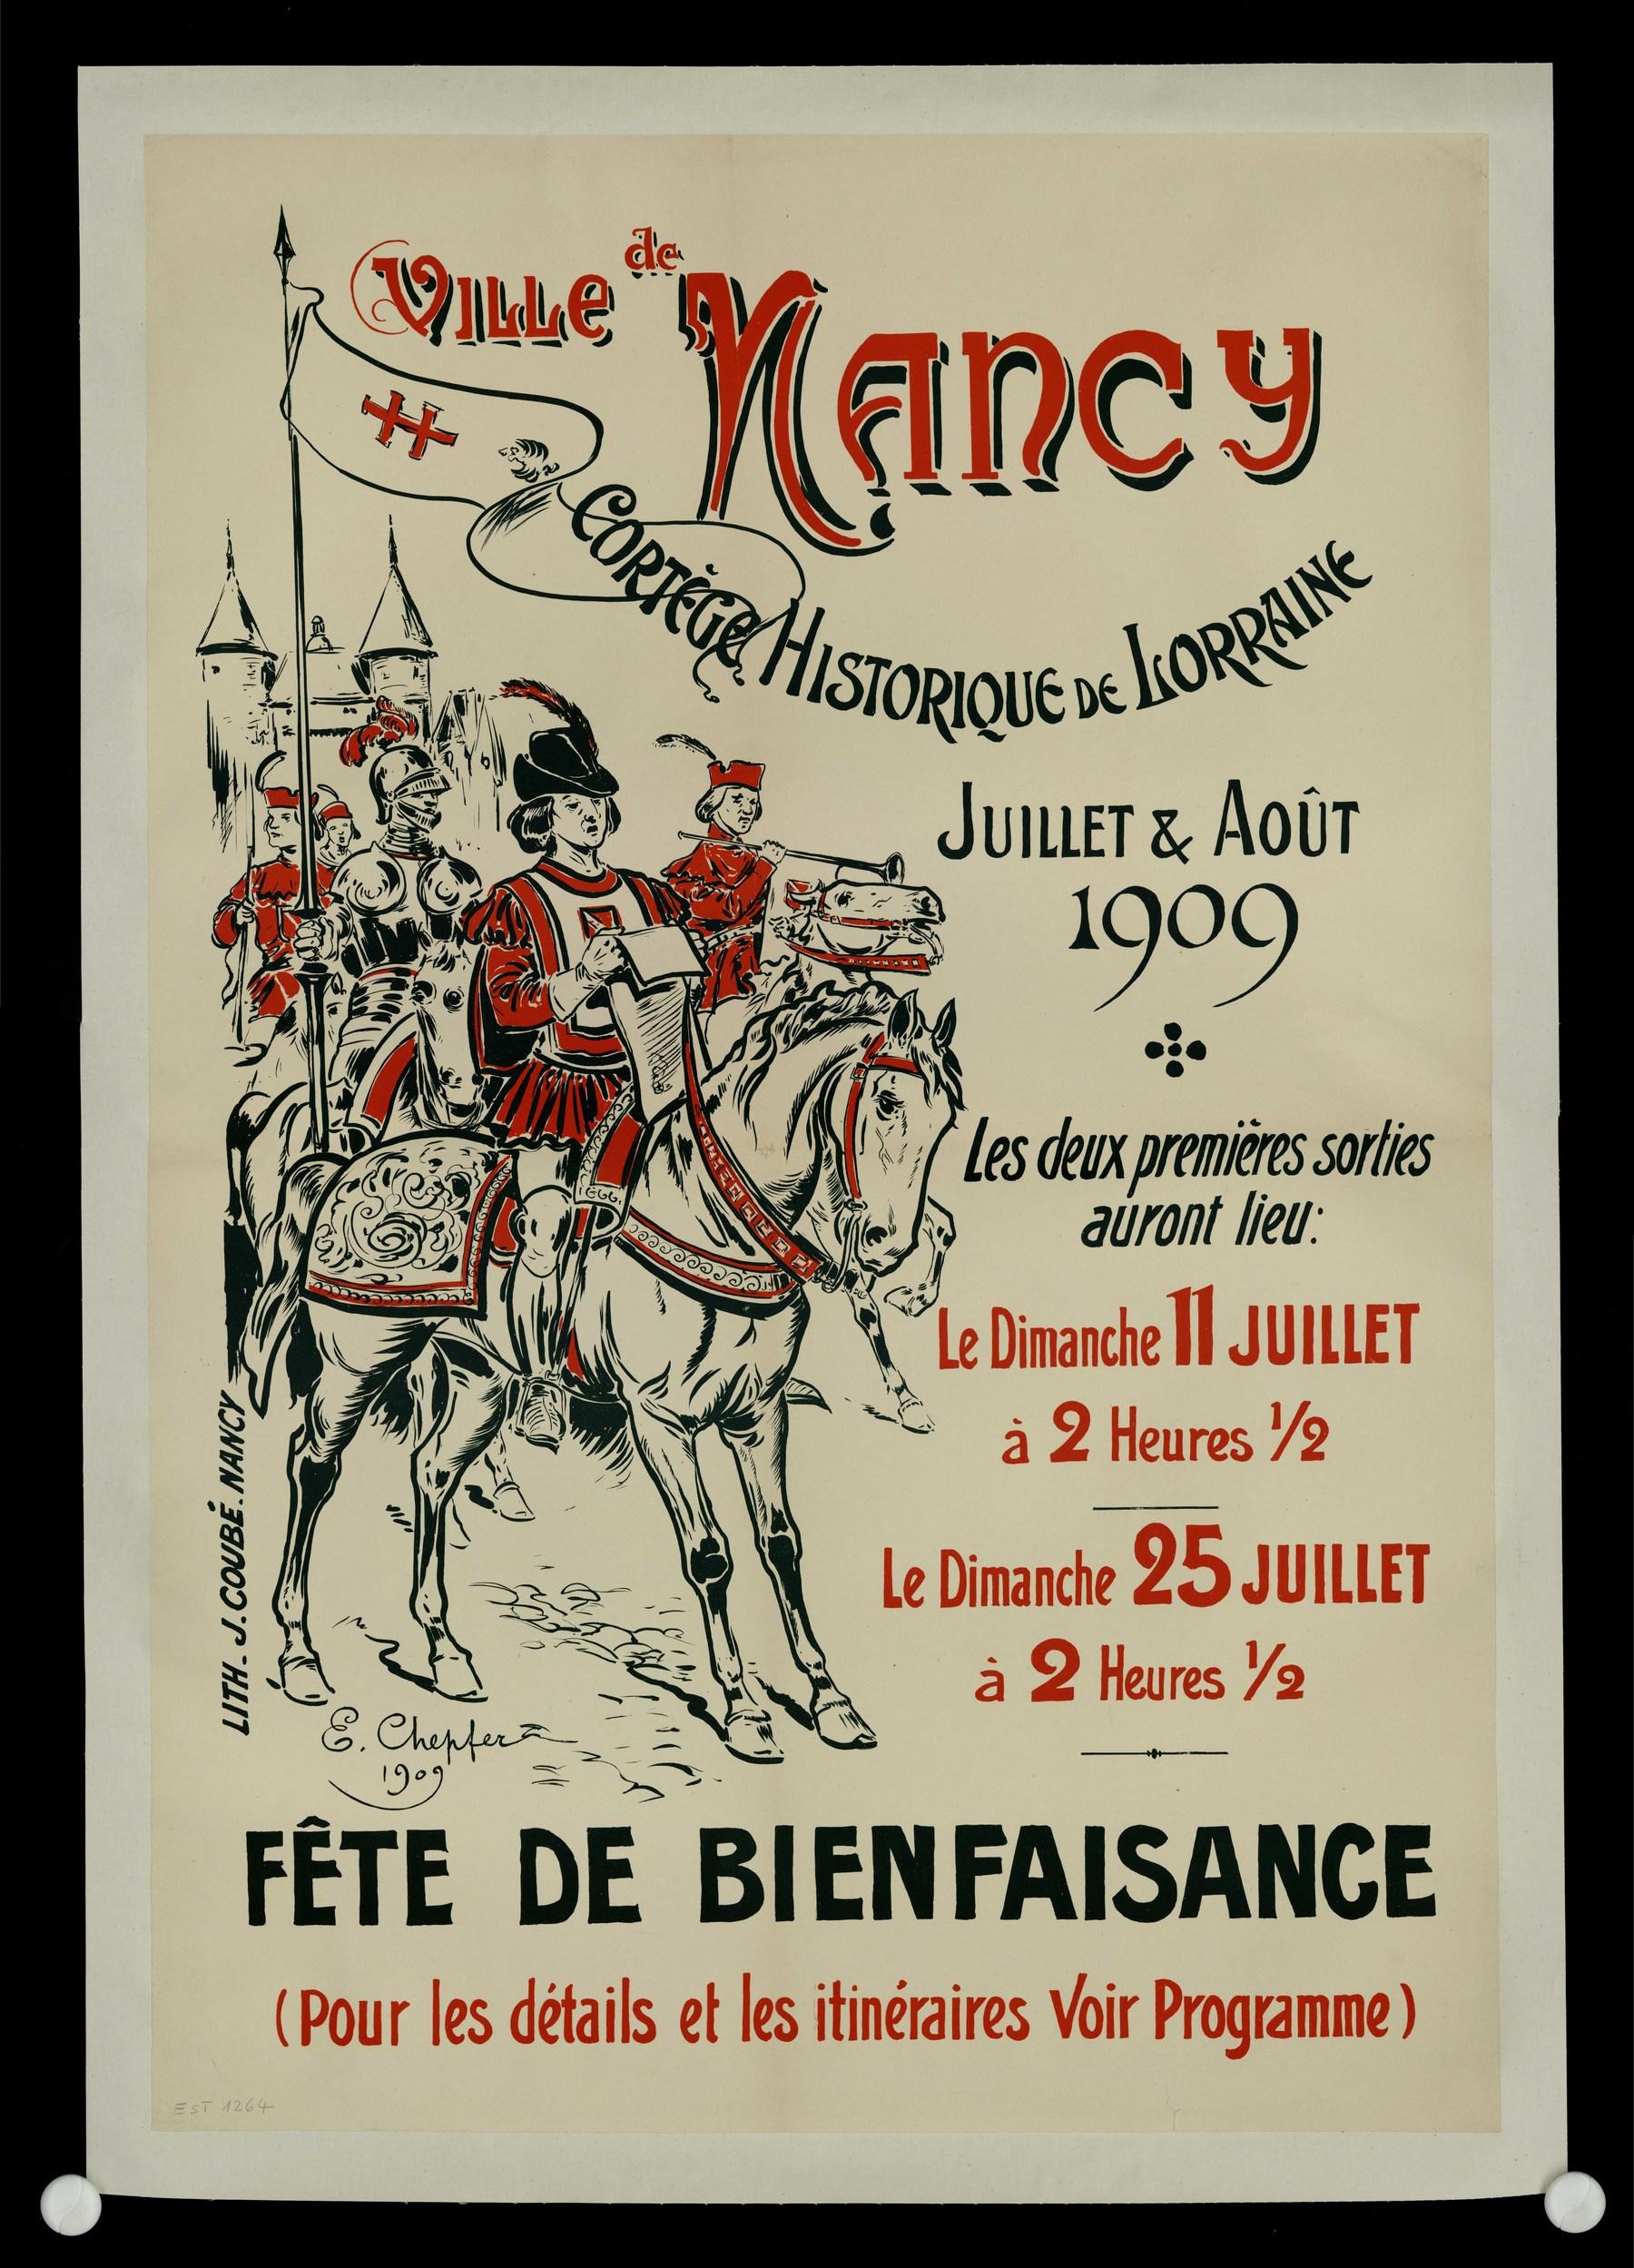 Contenu du Ville de Nancy :  Cortège historique de Lorraine Juillet et Août 1909